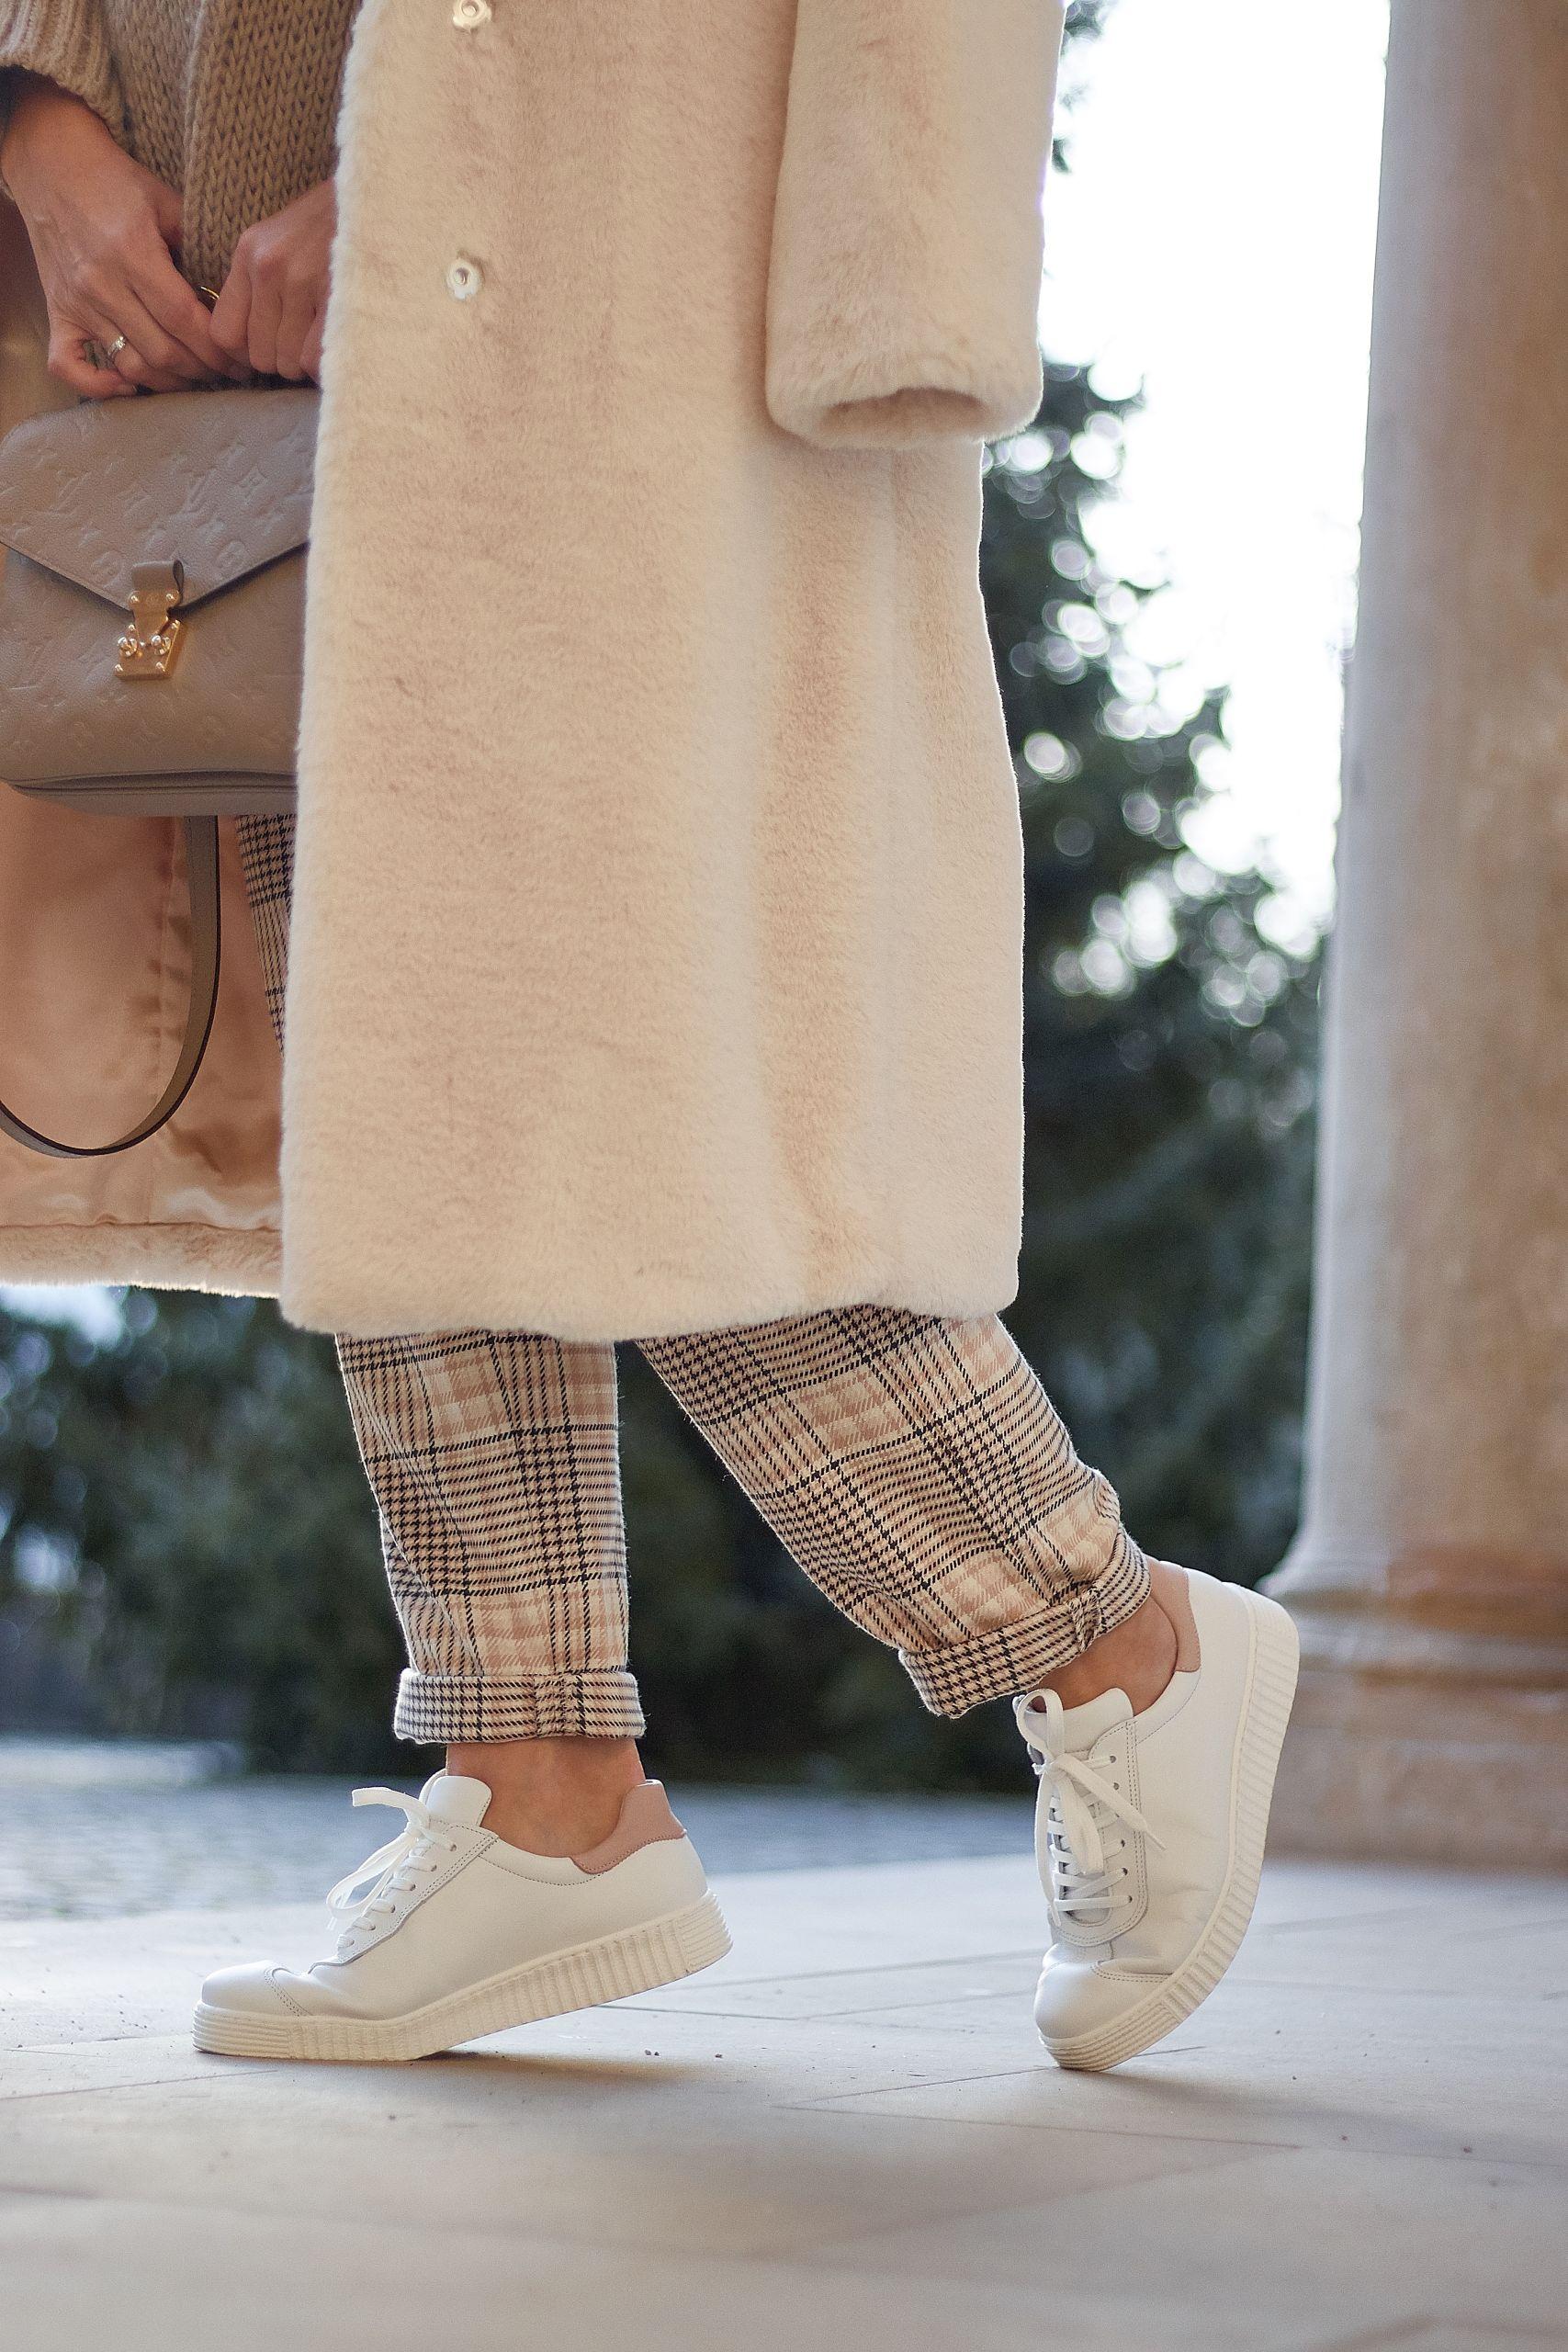 LaShoe Retro Sneaker zum all white outfit und Louis Vuitton Metis Tasche am Reinbeker Schloss